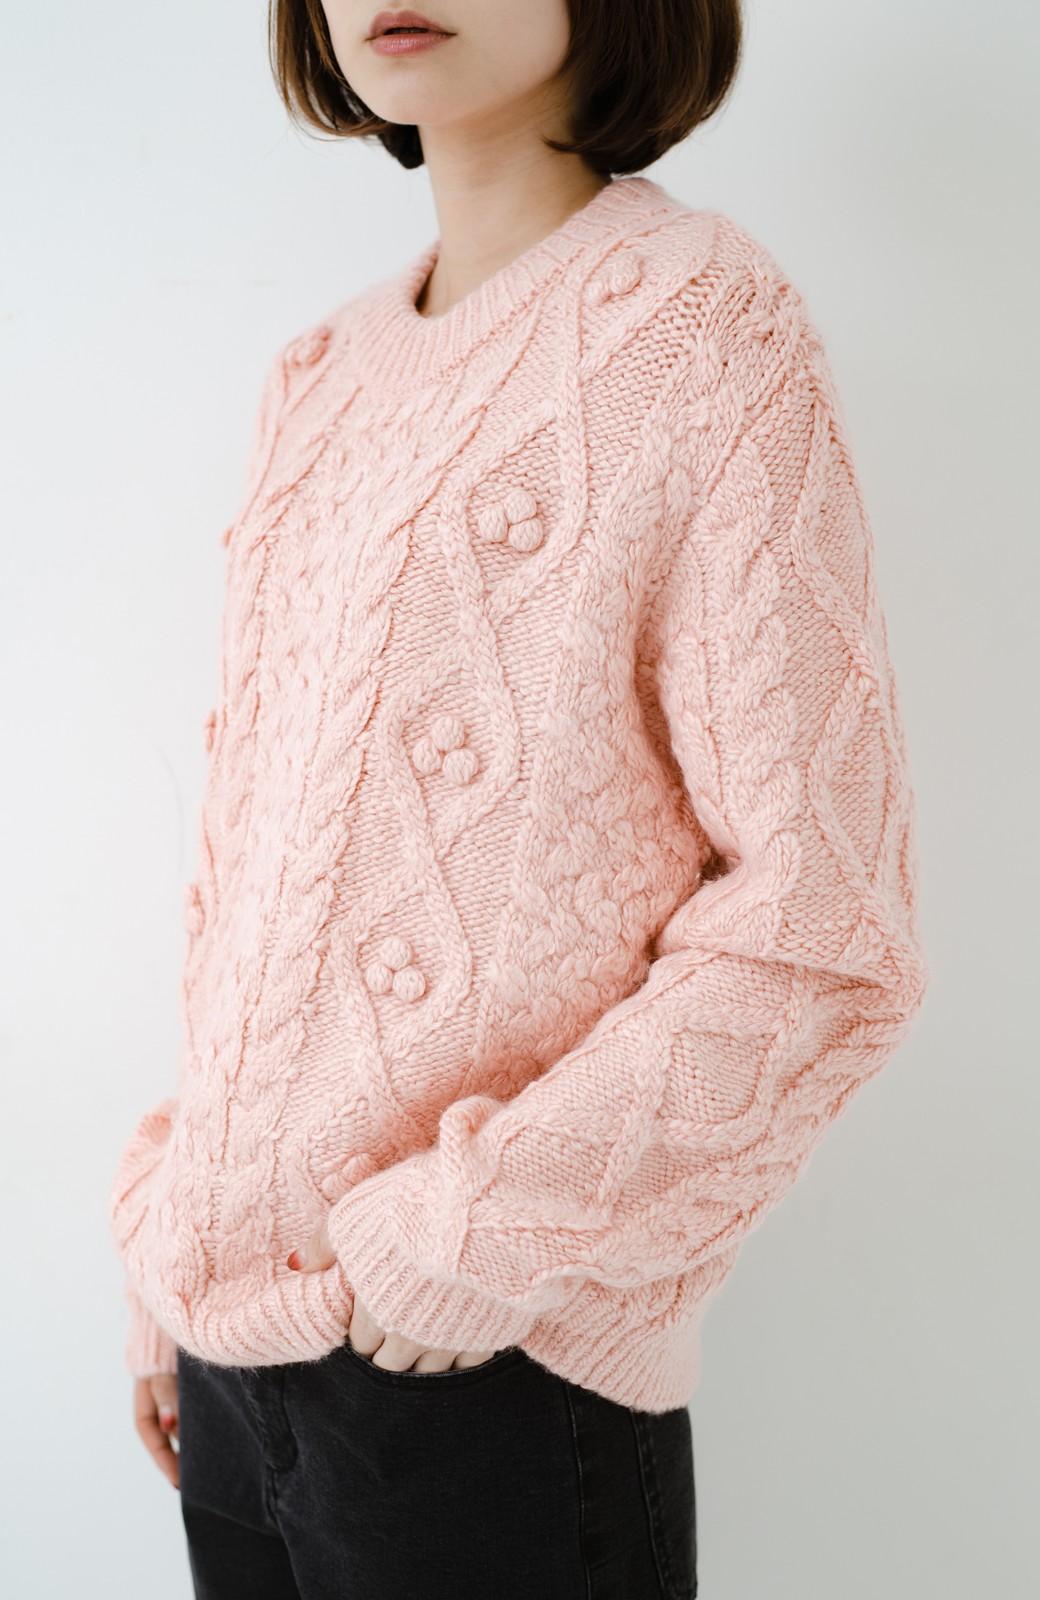 haco! 古着屋さんで見つけたようなもっふりケーブル編みセーター <ピンク>の商品写真2